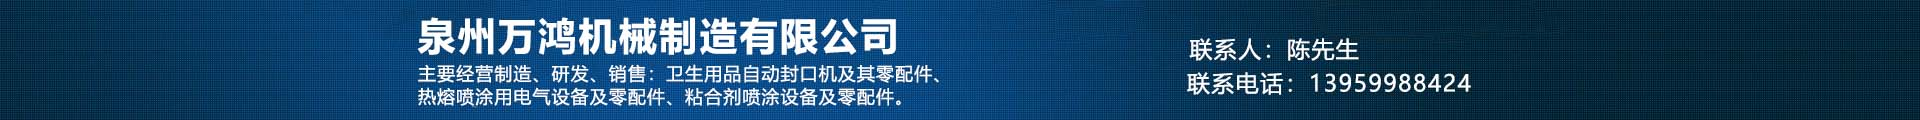 泉州萬鴻機械製造有限公司